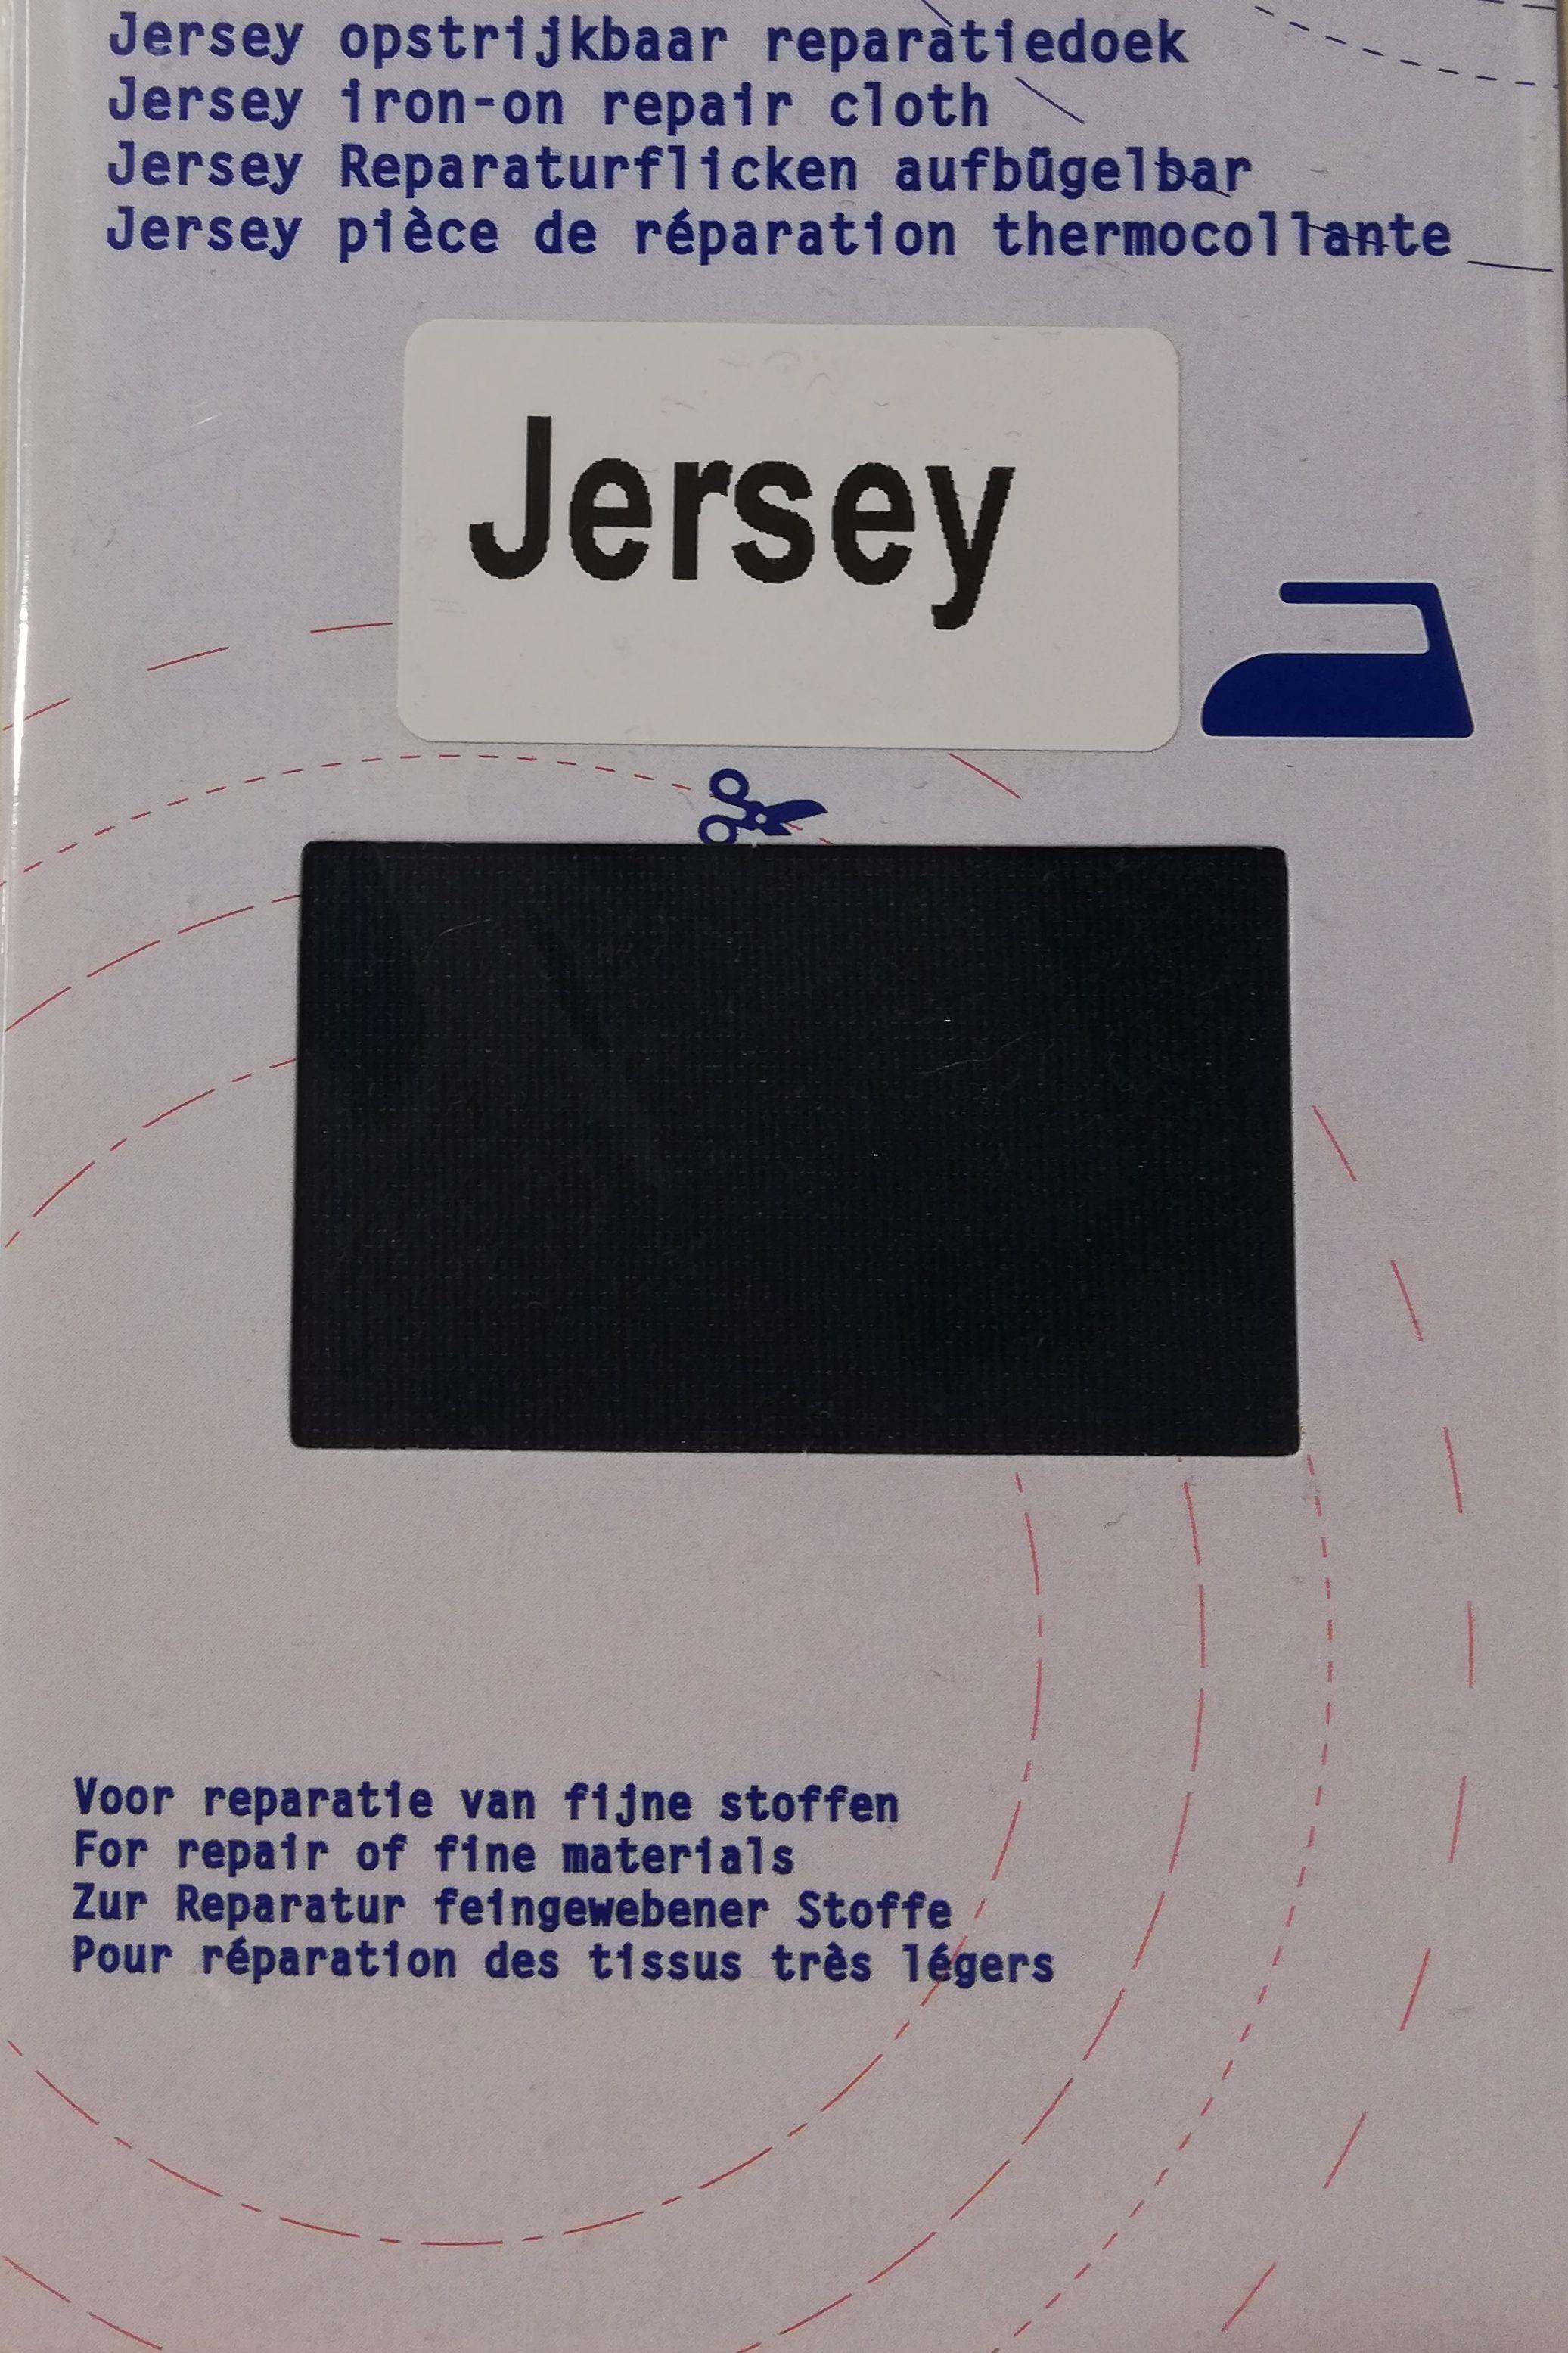 Jersey opstrijkbaar reparatiedoek